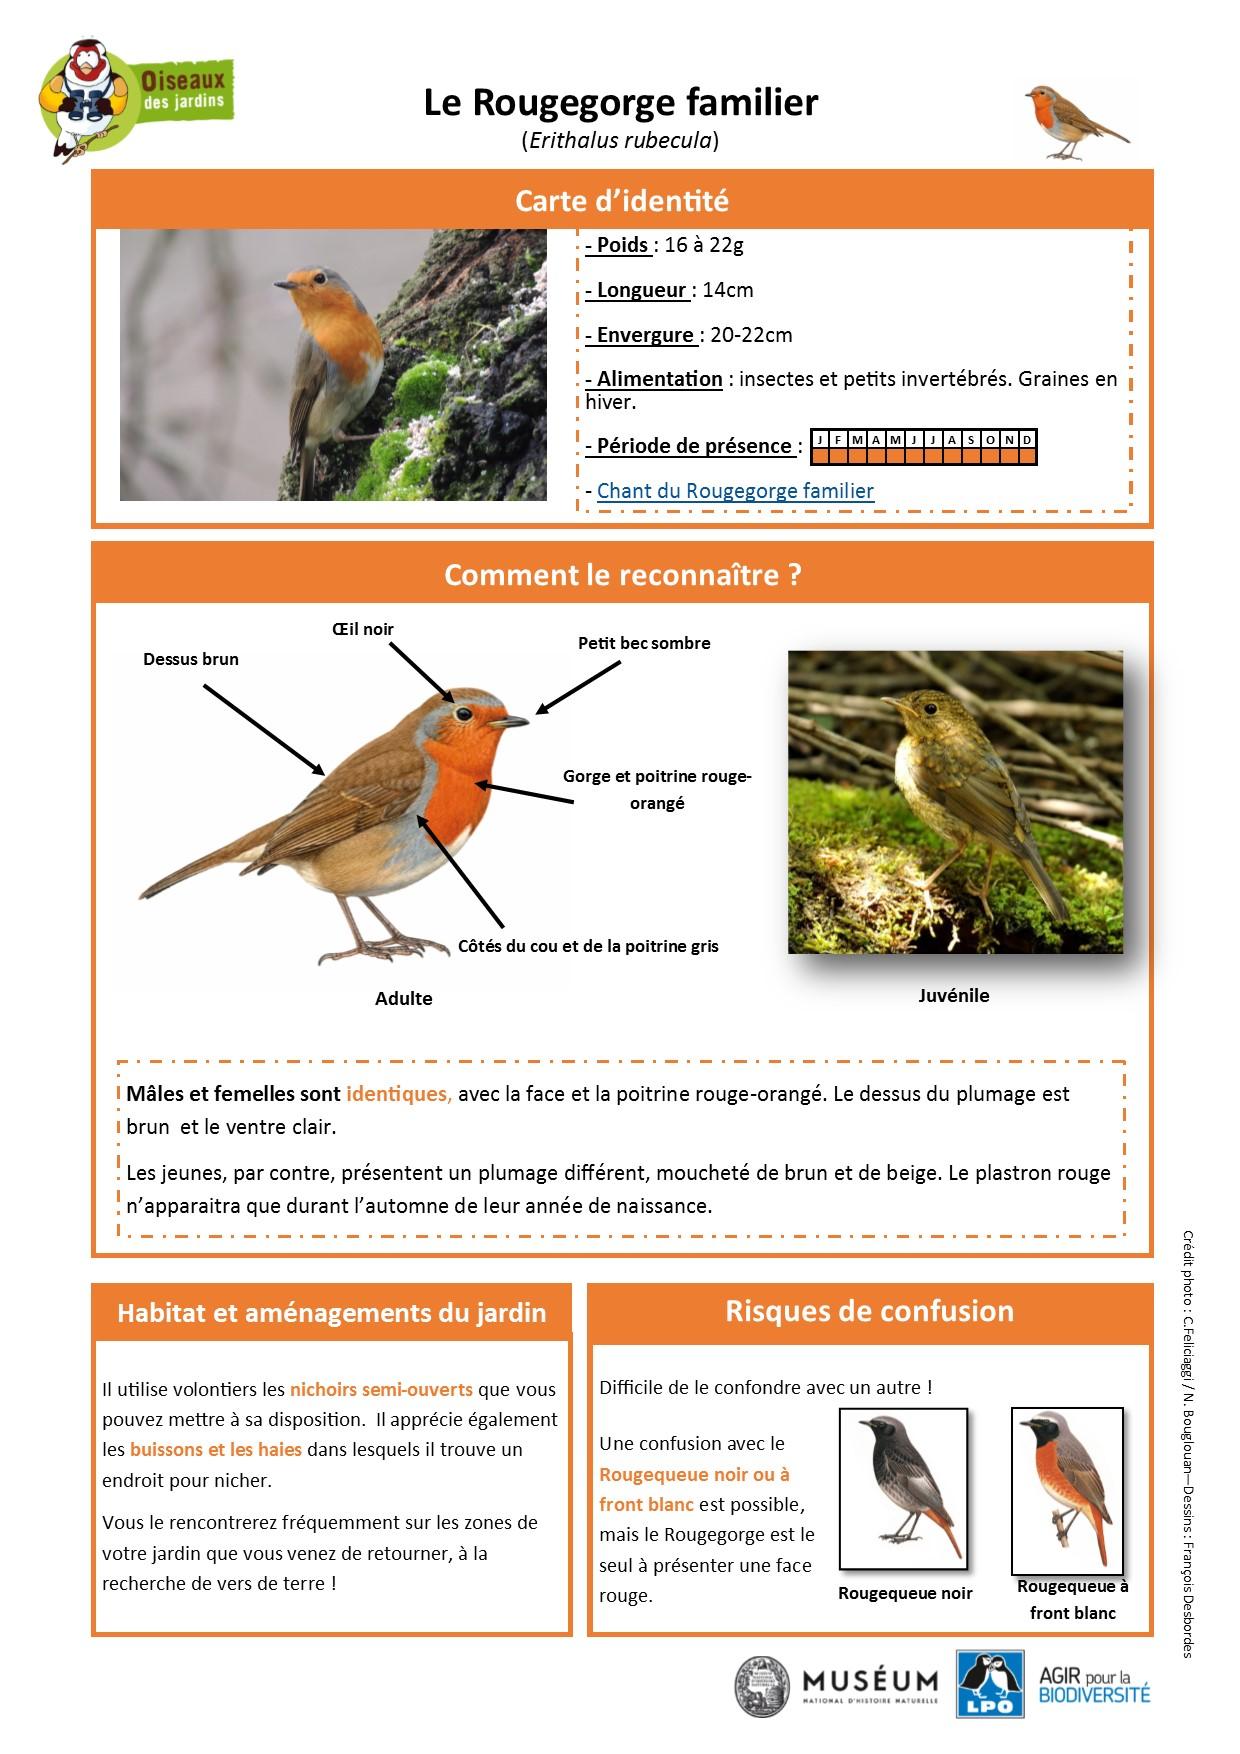 https://cdnfiles1.biolovision.net/www.oiseauxdesjardins.fr/userfiles/Fichesespces/FicheespceRGF.pdf